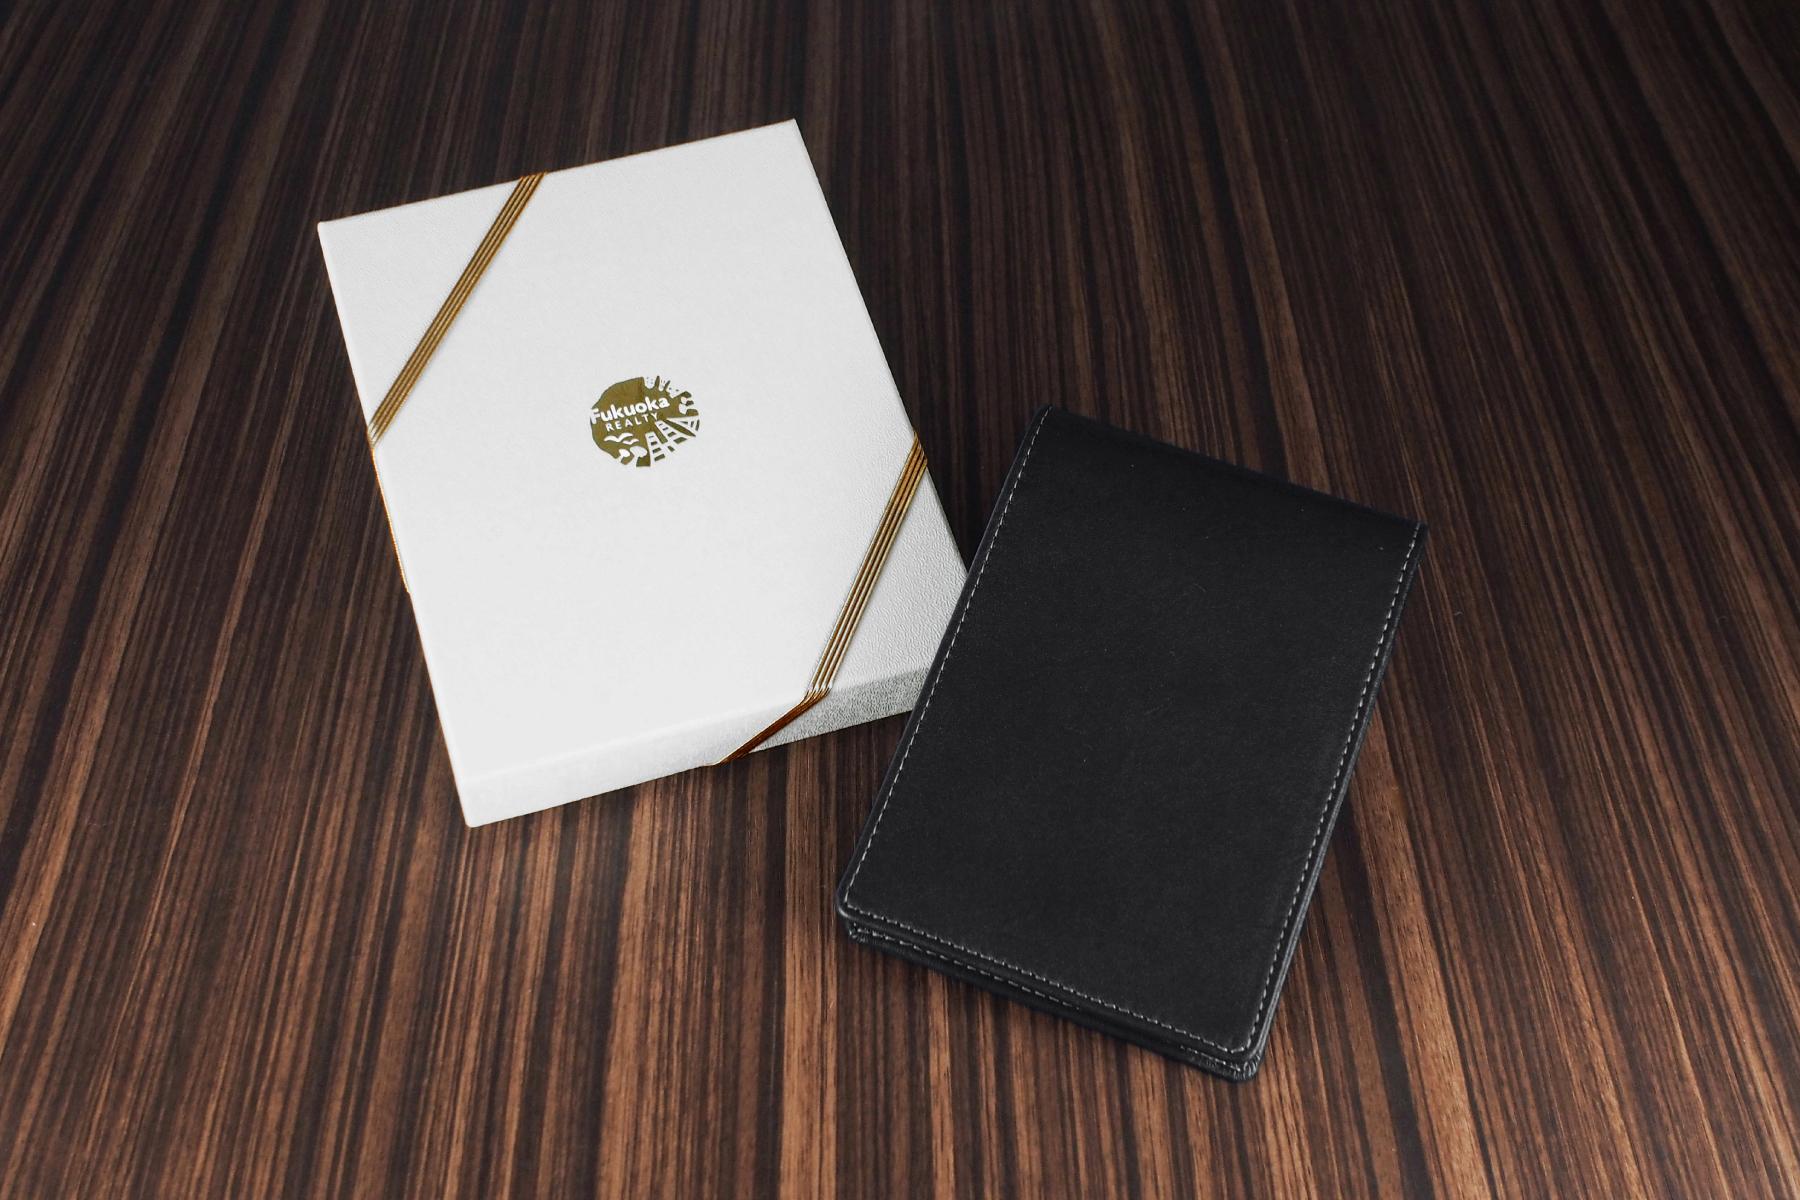 ロディア革製メモカバー・エグゼクティブを記念品として使用した例